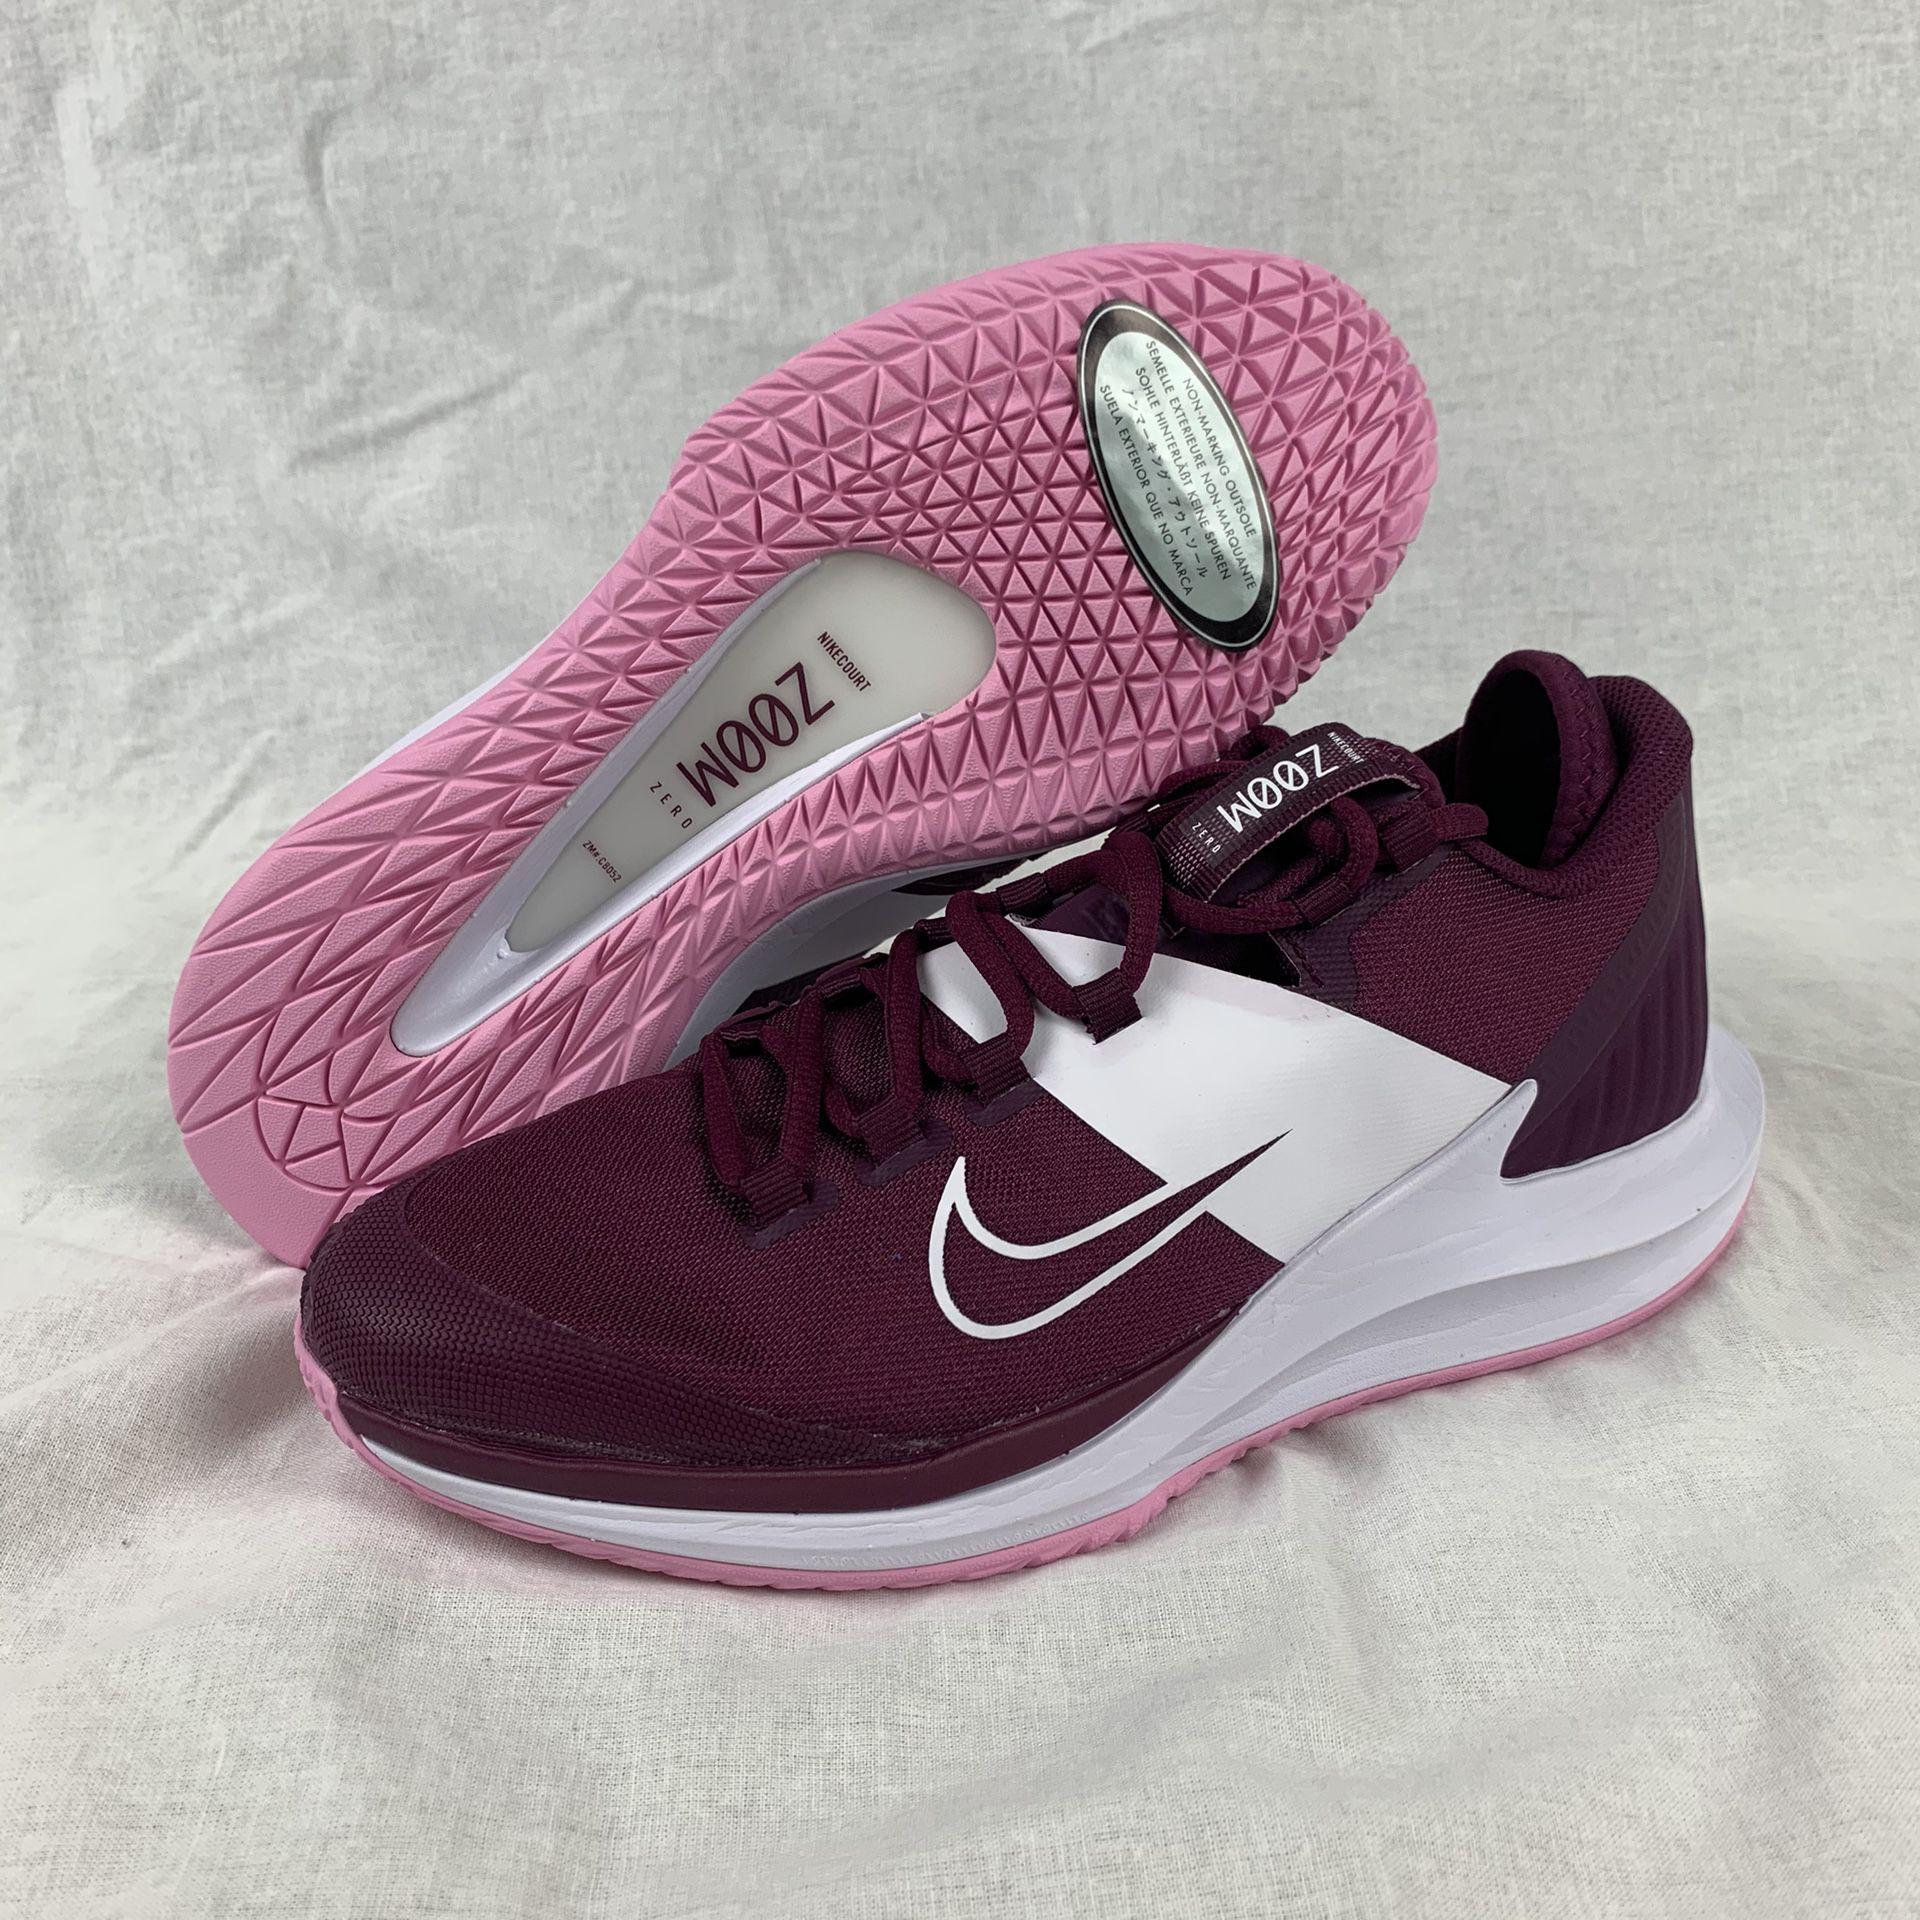 Nikecourt Air Zoom Zero Women's sz8.5